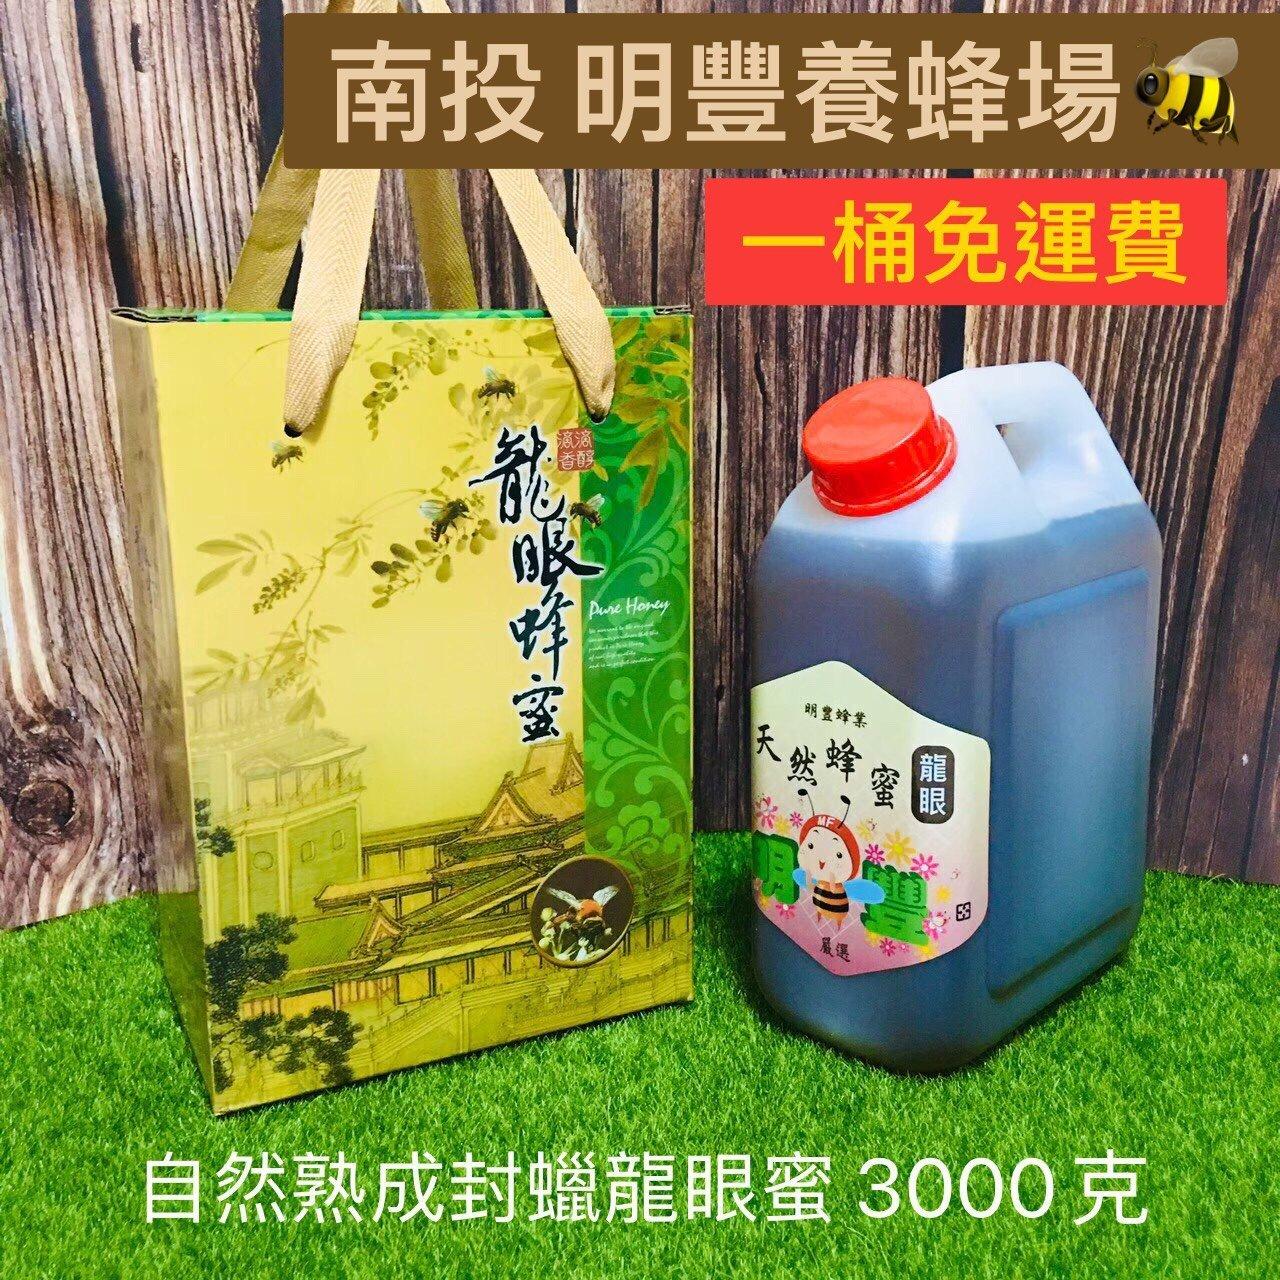 2021熟成封蠟龍眼蜜《明豐養蜂場》龍眼蜂蜜3000g=3kg=3公斤=5台斤 另售蜂王乳 花粉 蜂蠟 百花蜜